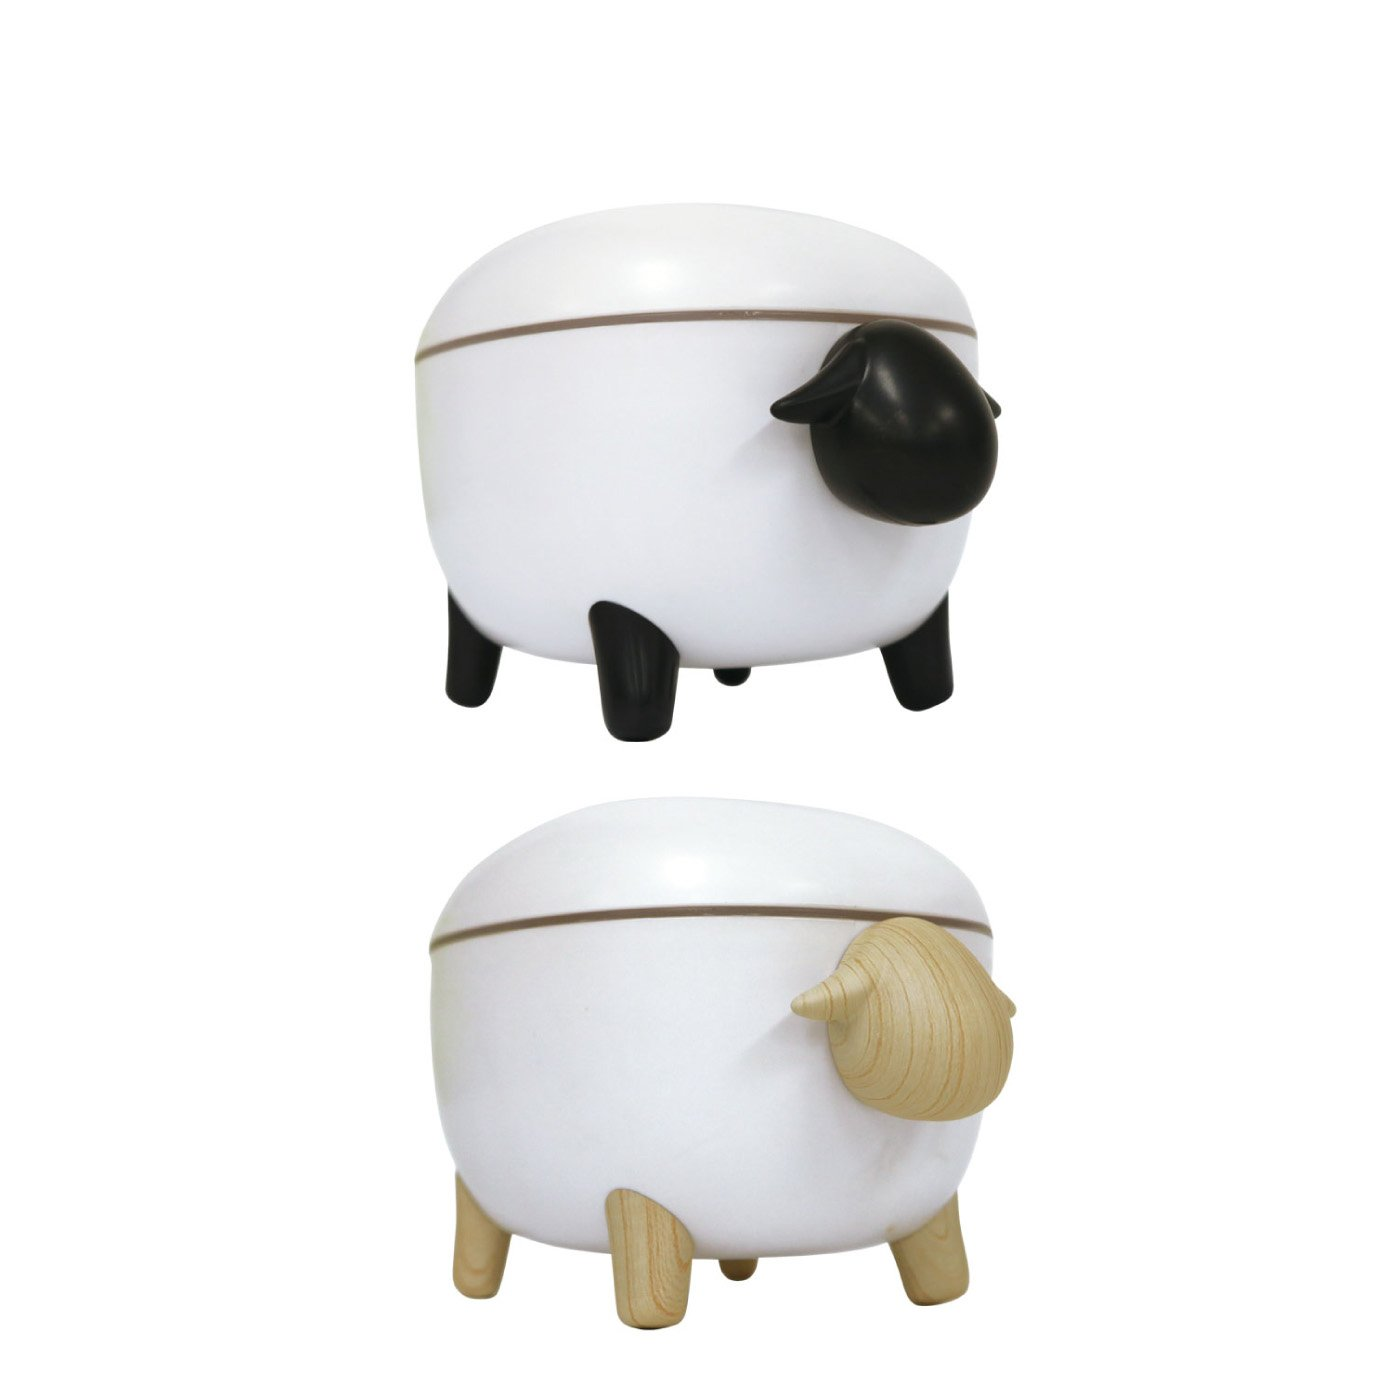 ゆる~い存在感がかわいい 超音波加湿器 SHEEP